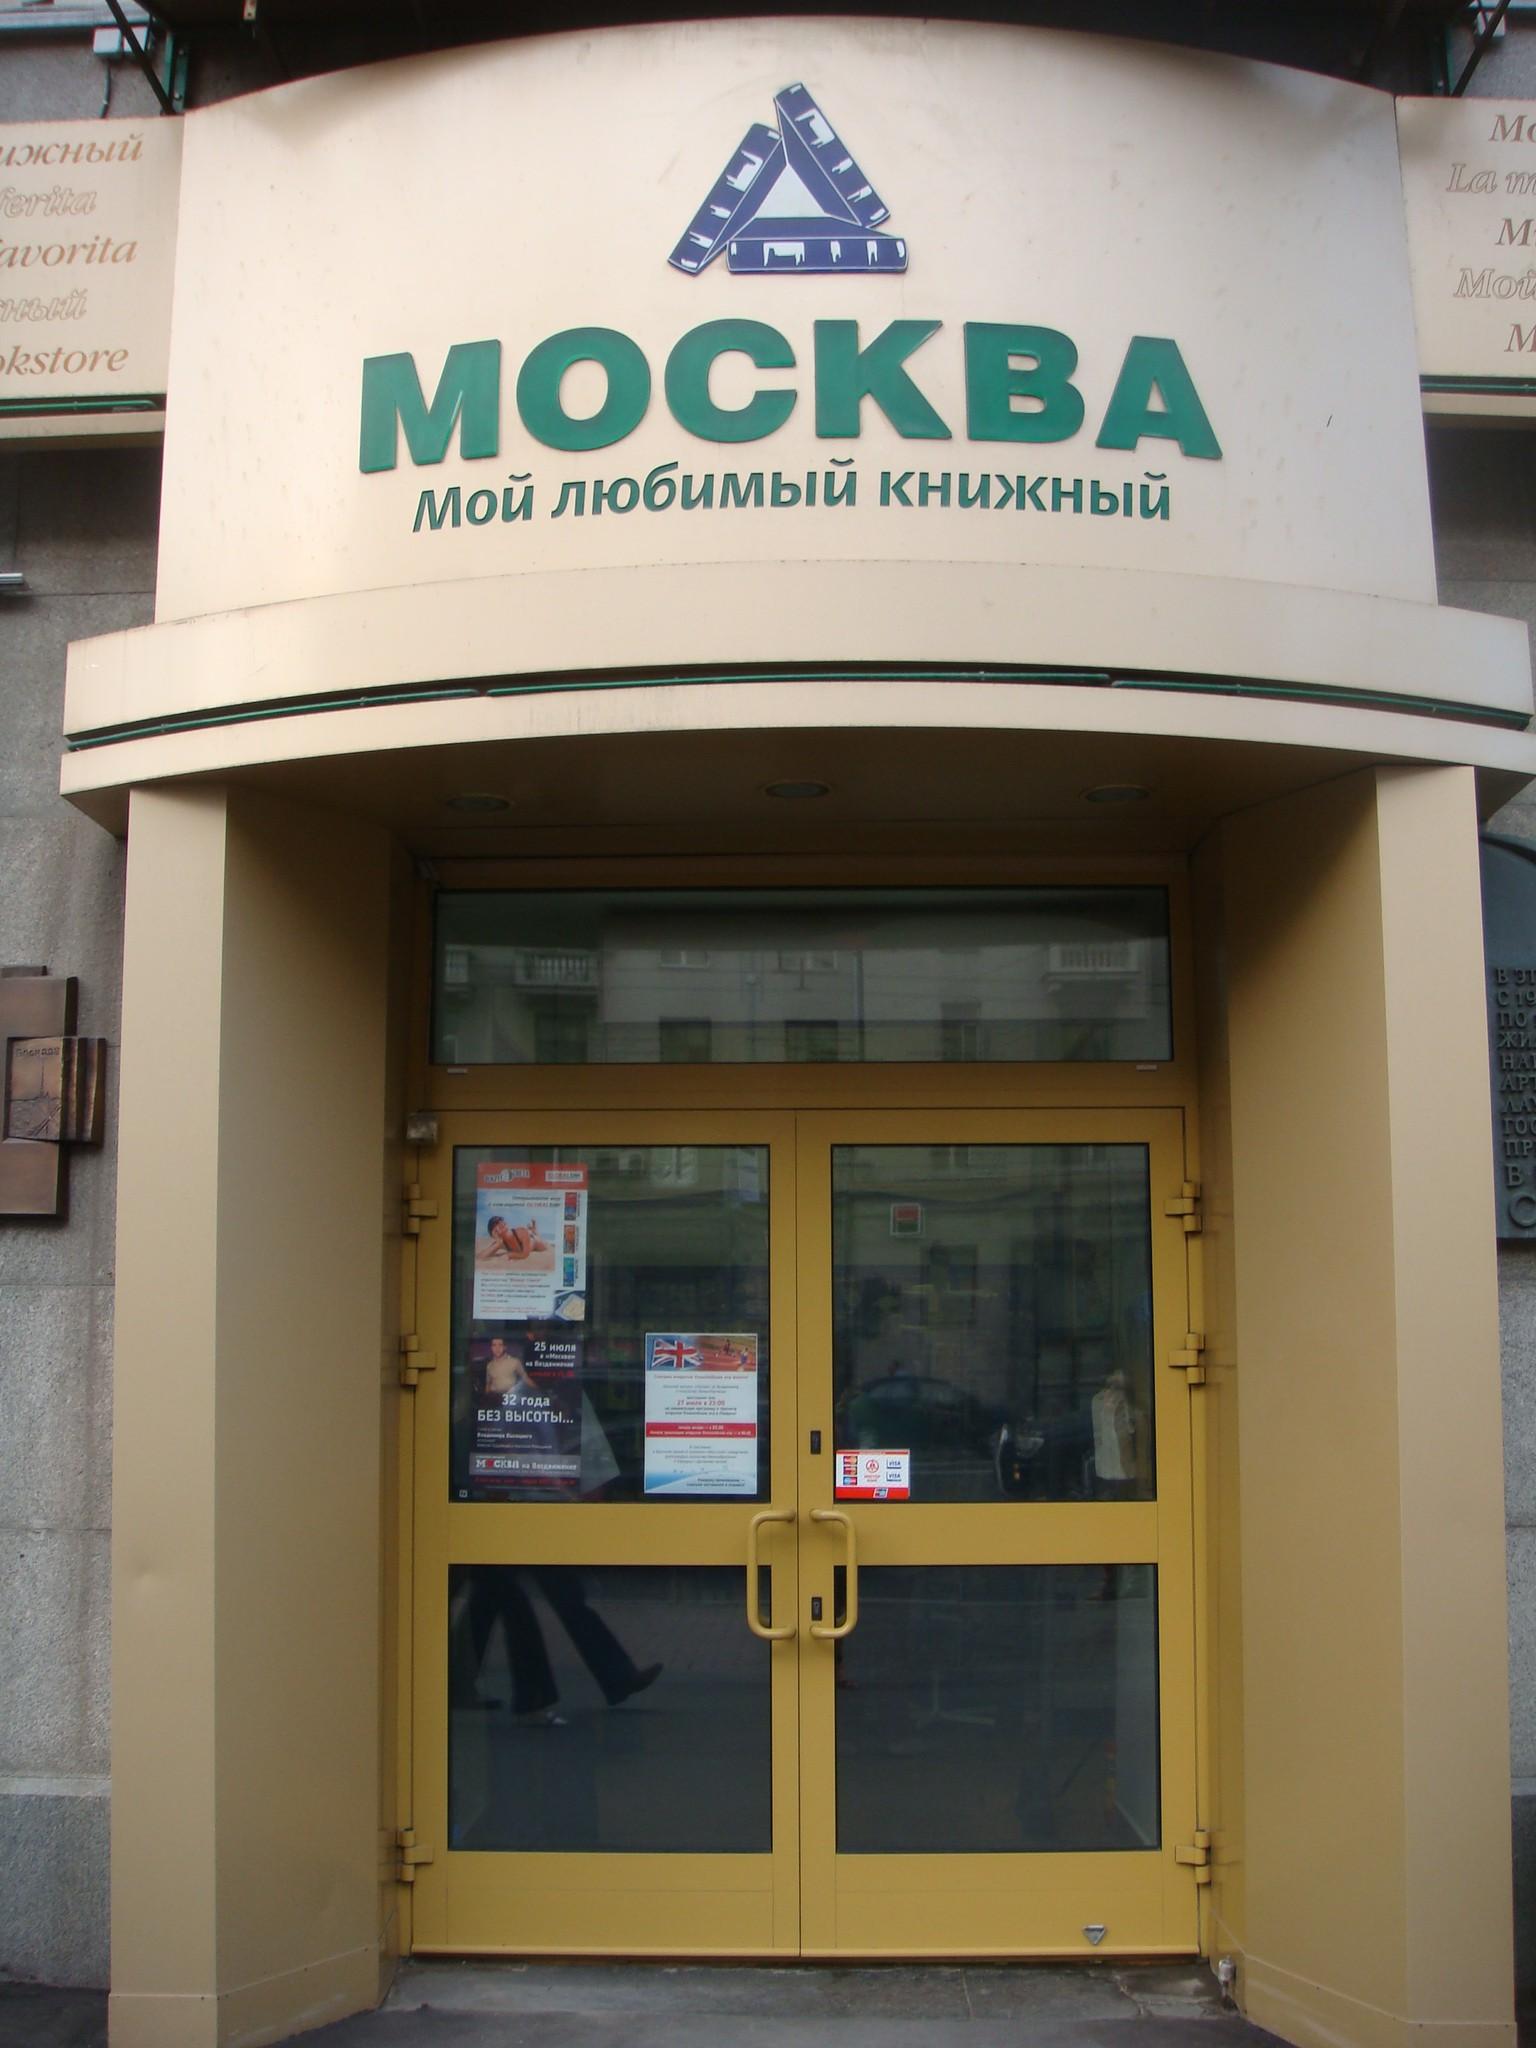 Bookstore Moskva